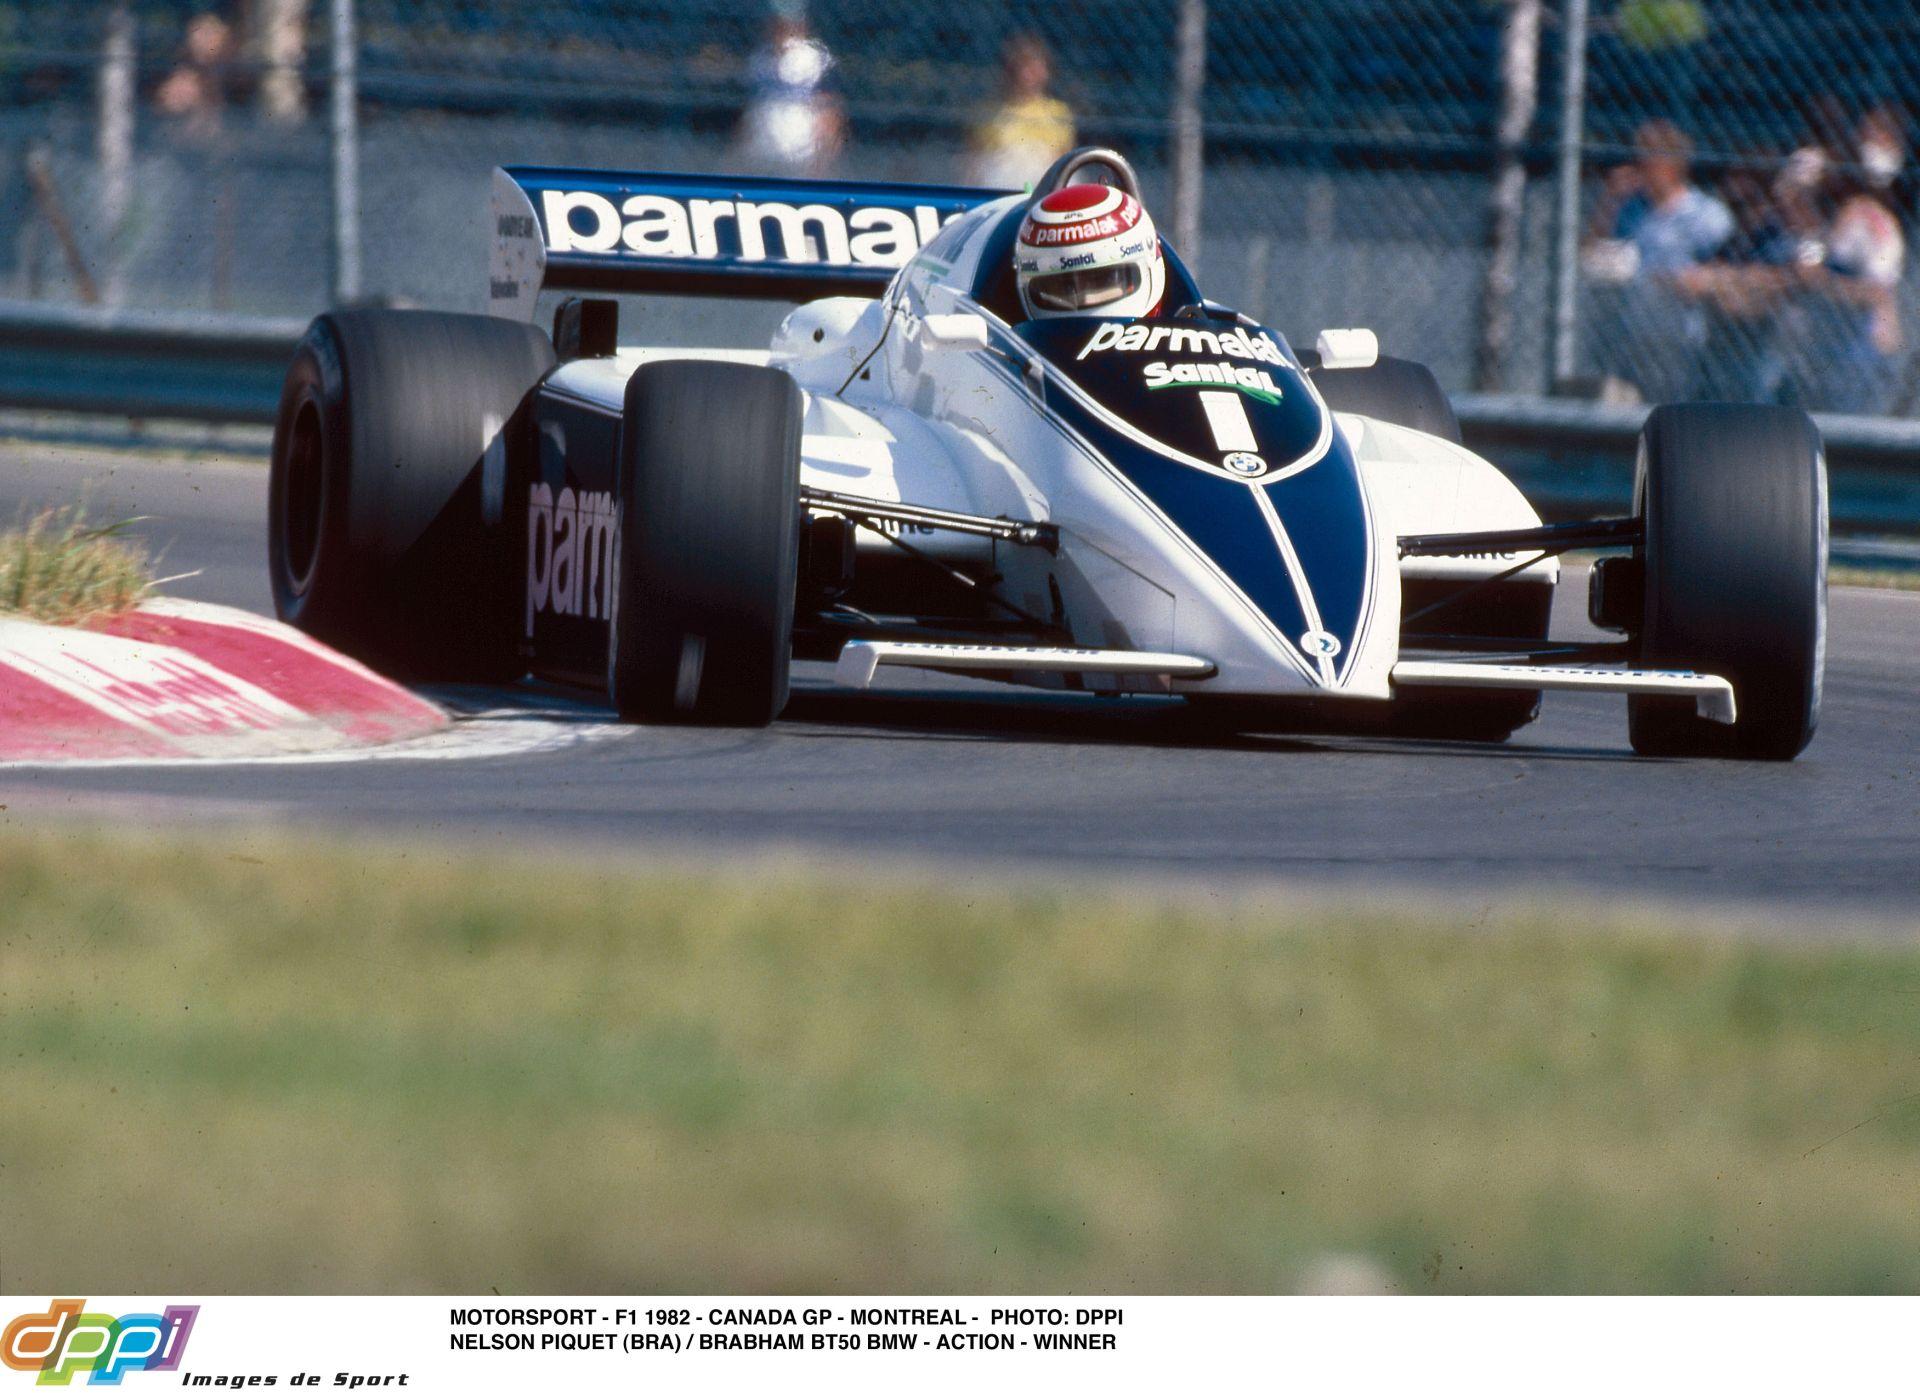 Verekedés a Forma-1-ben: 1982. augusztus 8. - Piquet Bruce Leeként csapott le